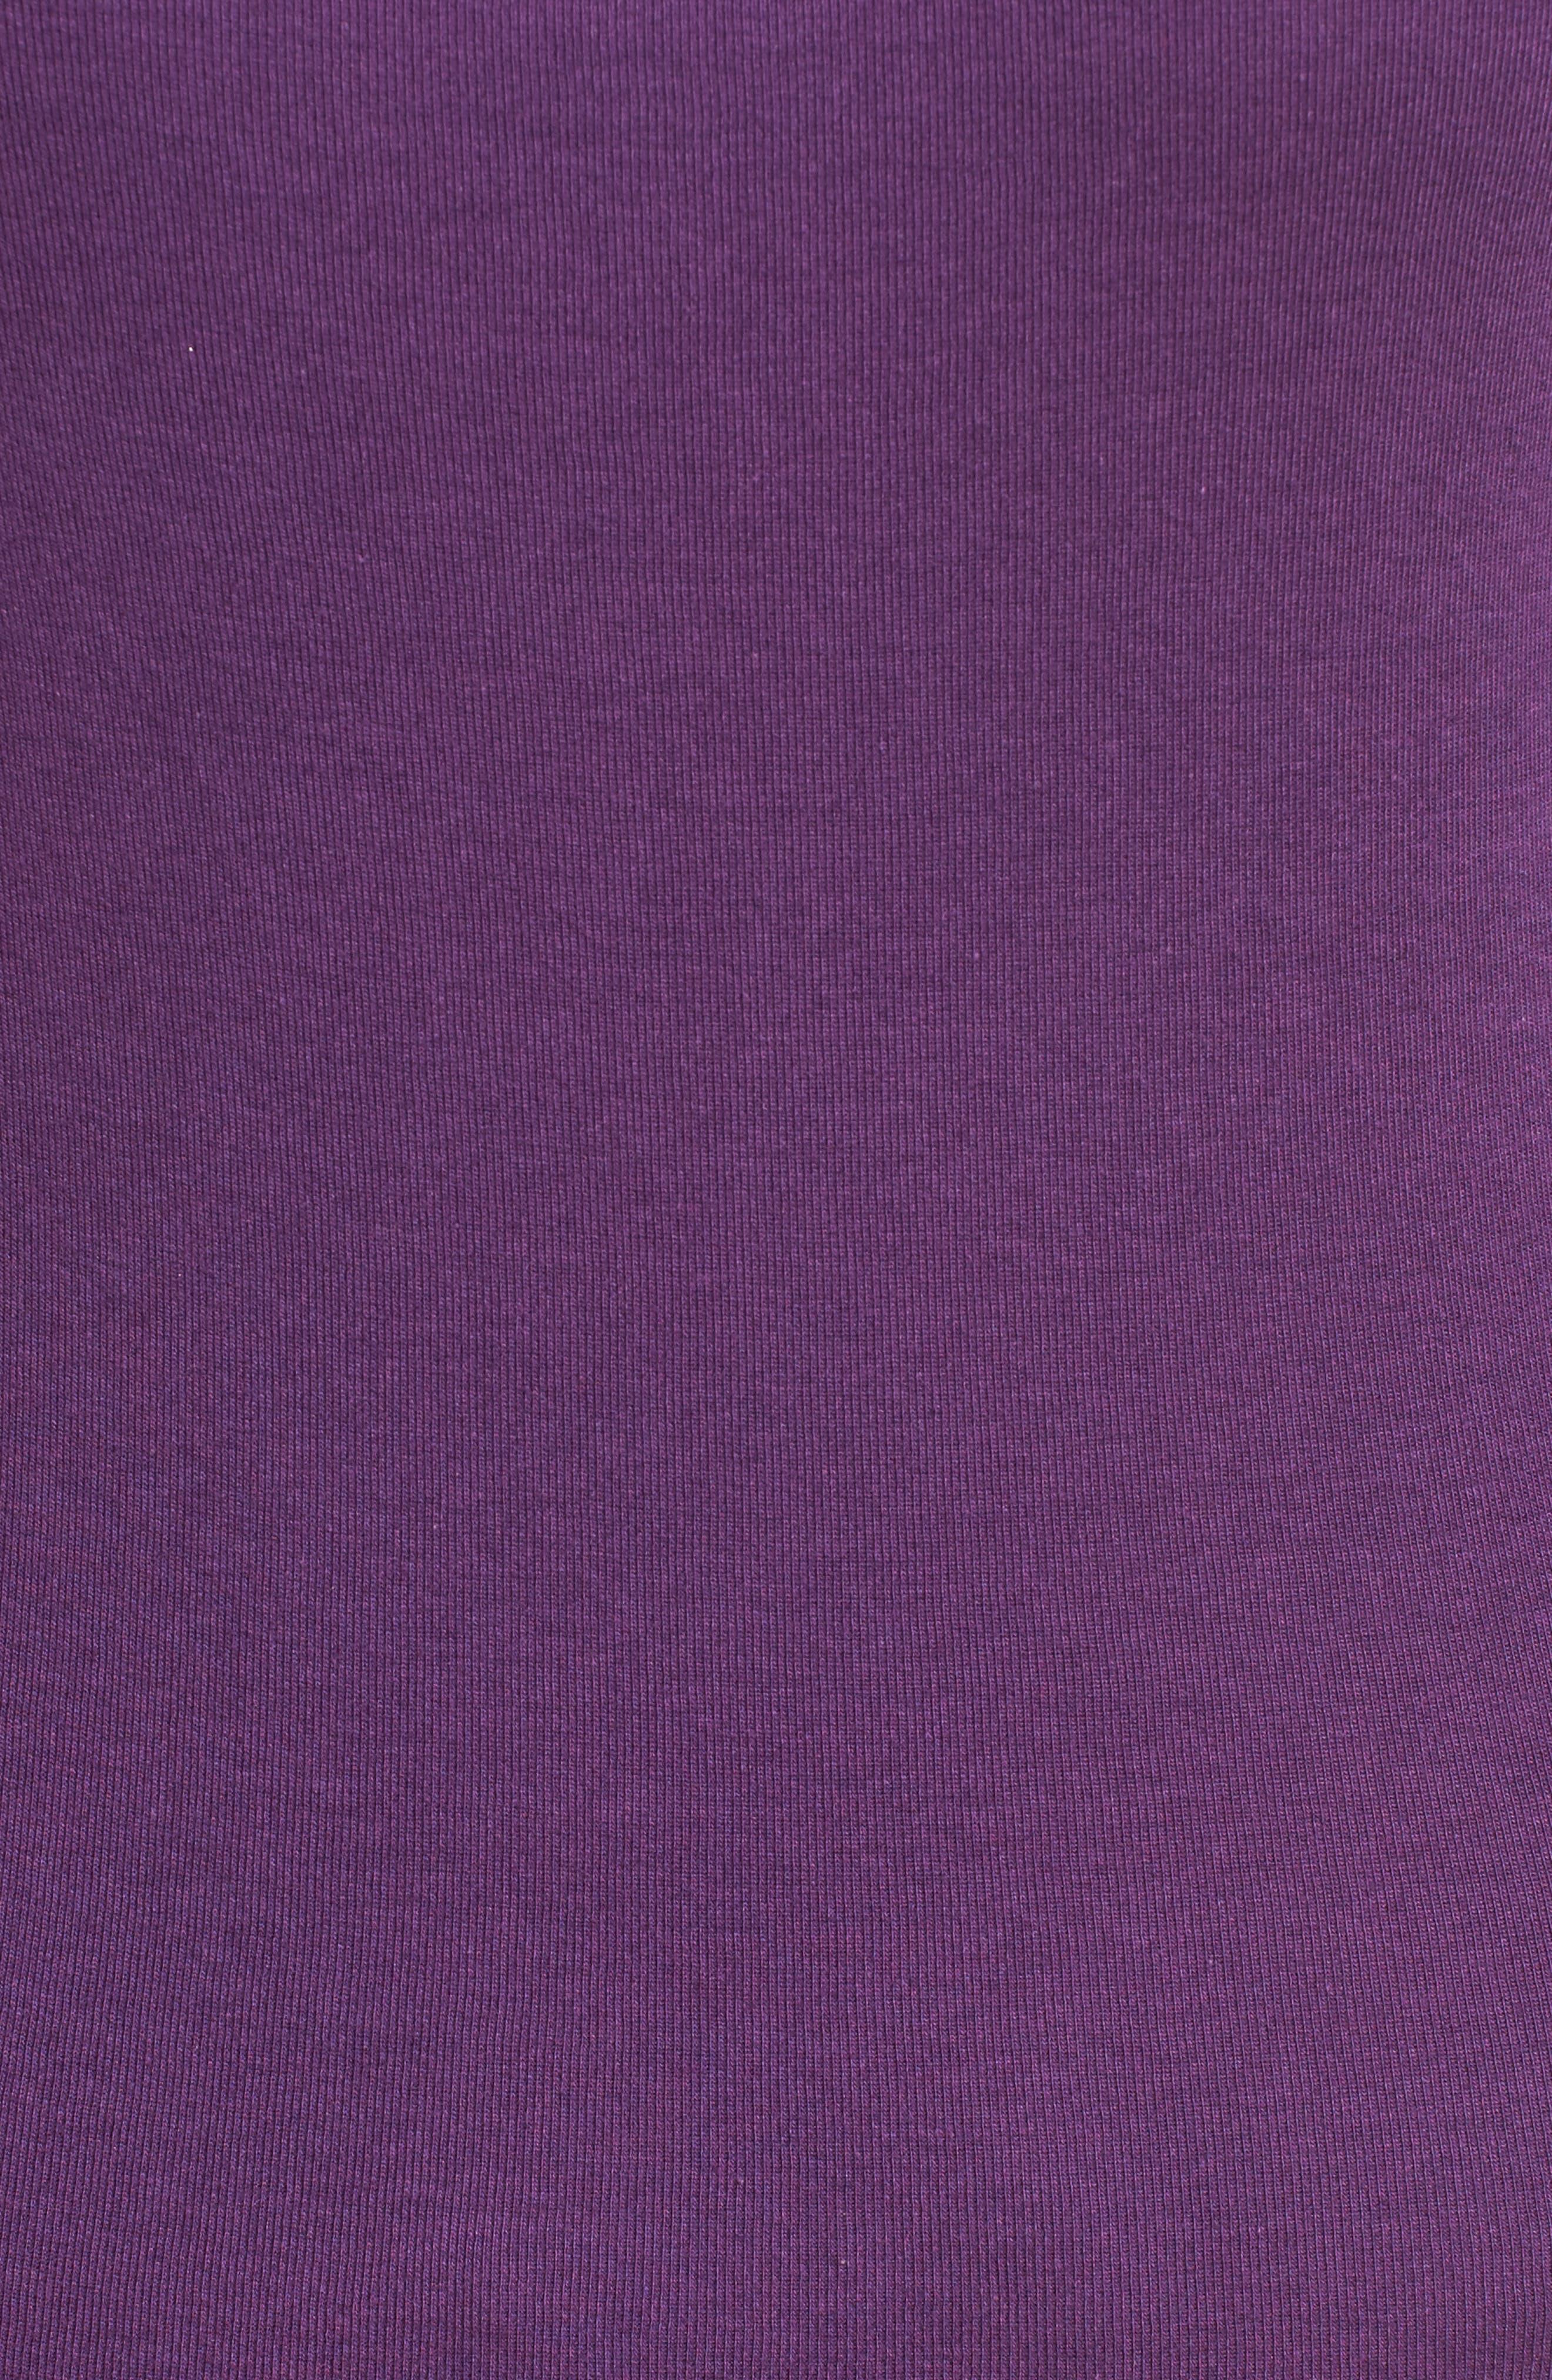 Three Quarter Sleeve Tee,                             Alternate thumbnail 104, color,